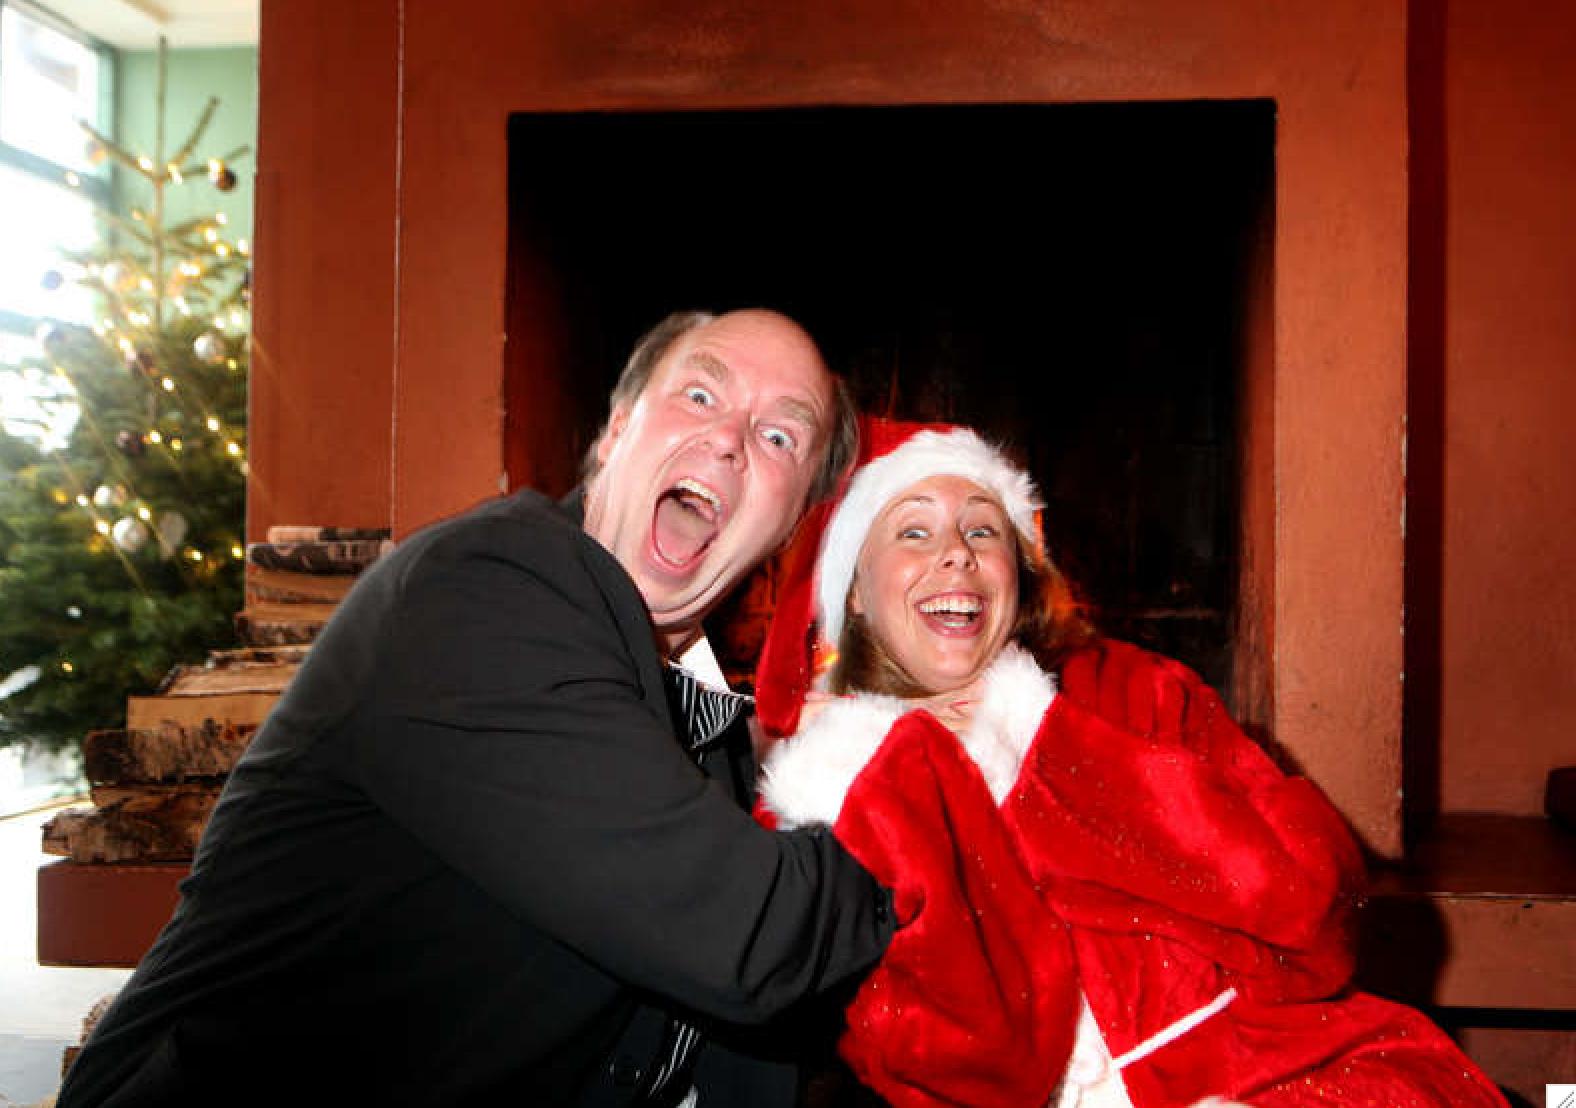 Programledaren och julvärden 2008 Lasse Kronér skojar till det när Helena Trus träffar honom iklädd tomtedräkt.